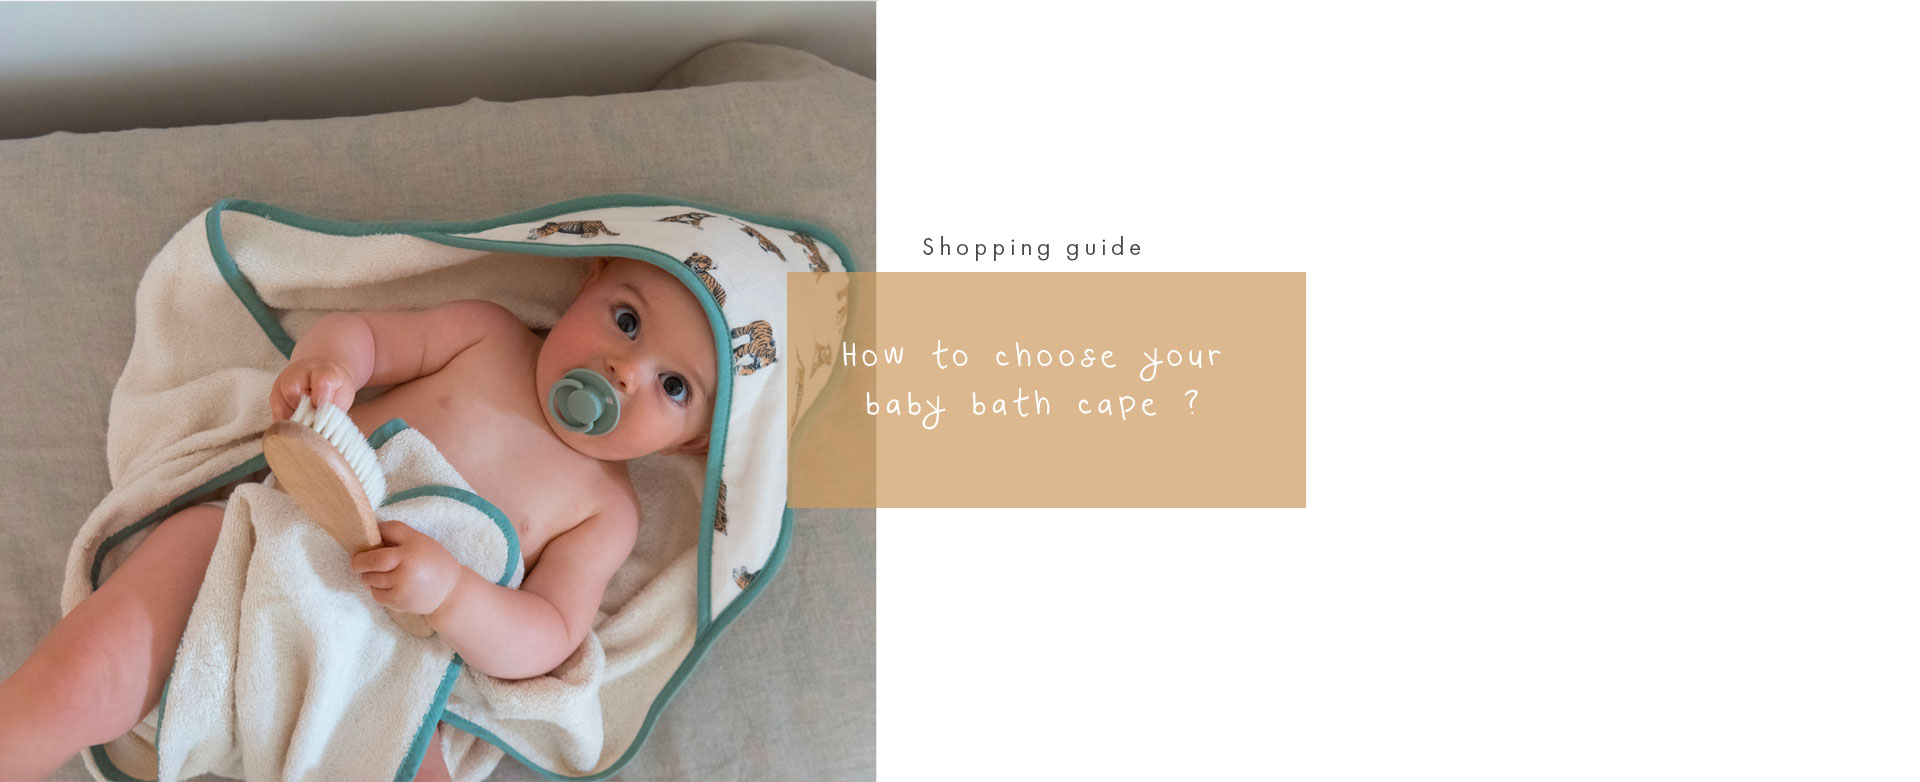 How to chose a baby bath cape